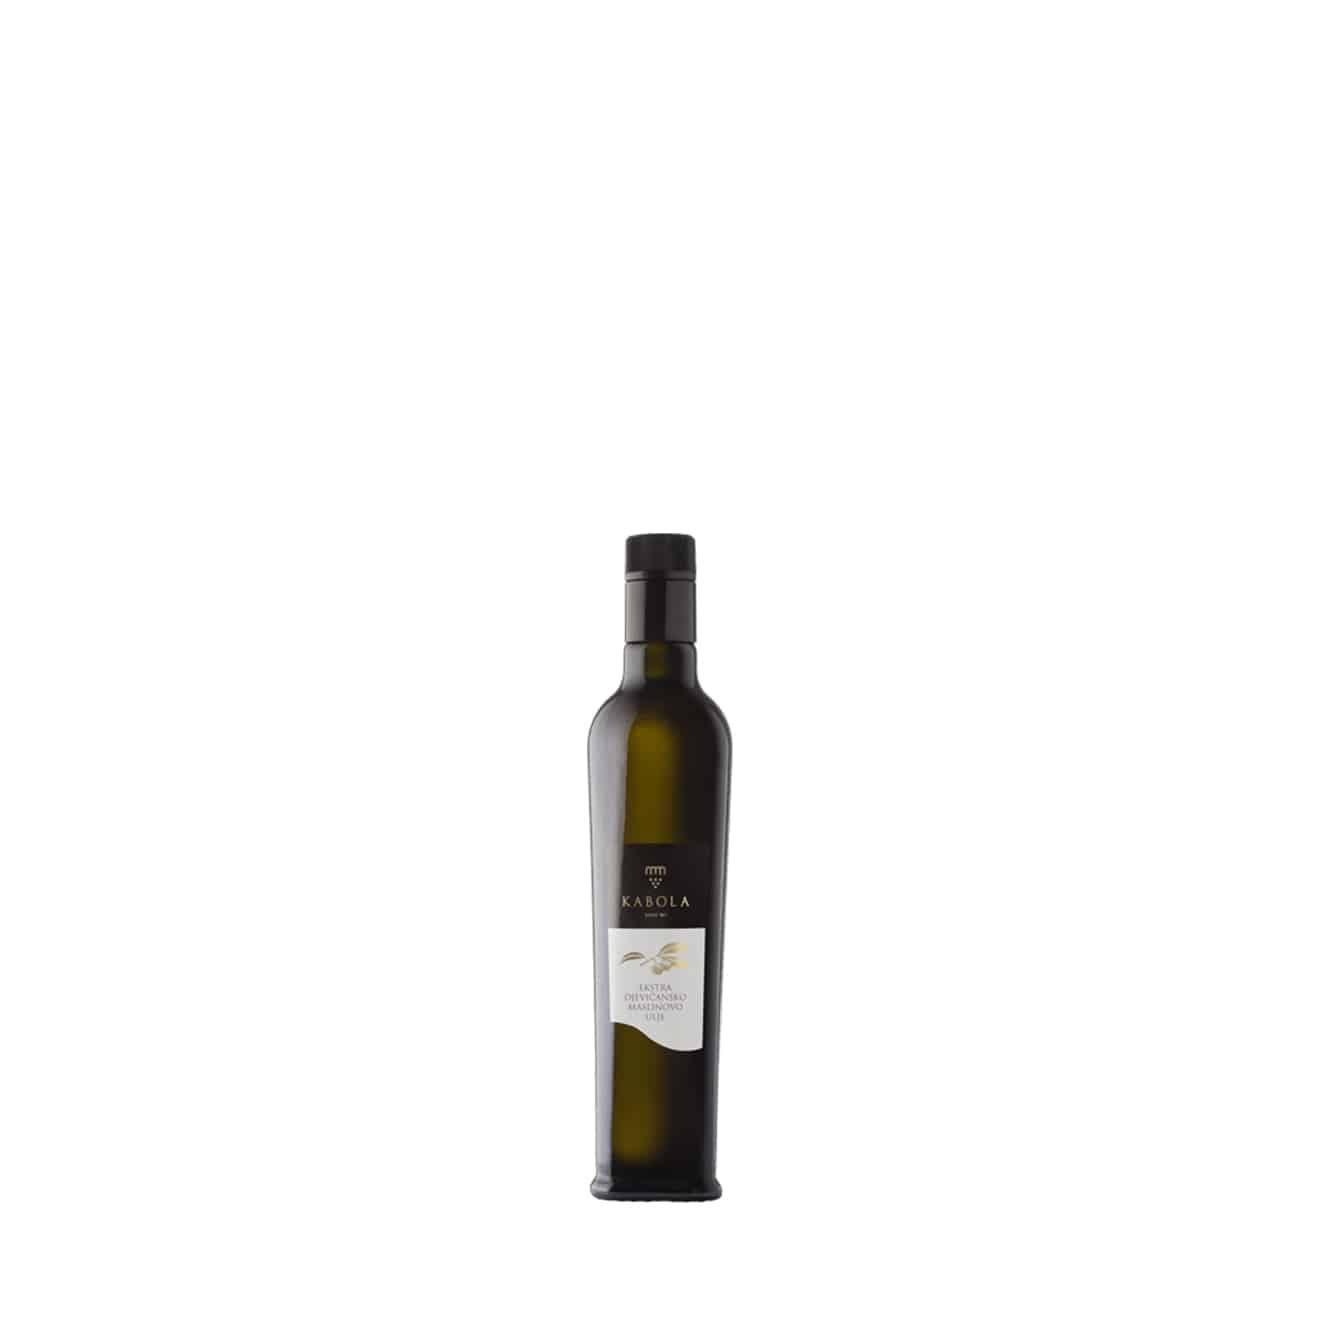 Kabola Olive oil 0.25l